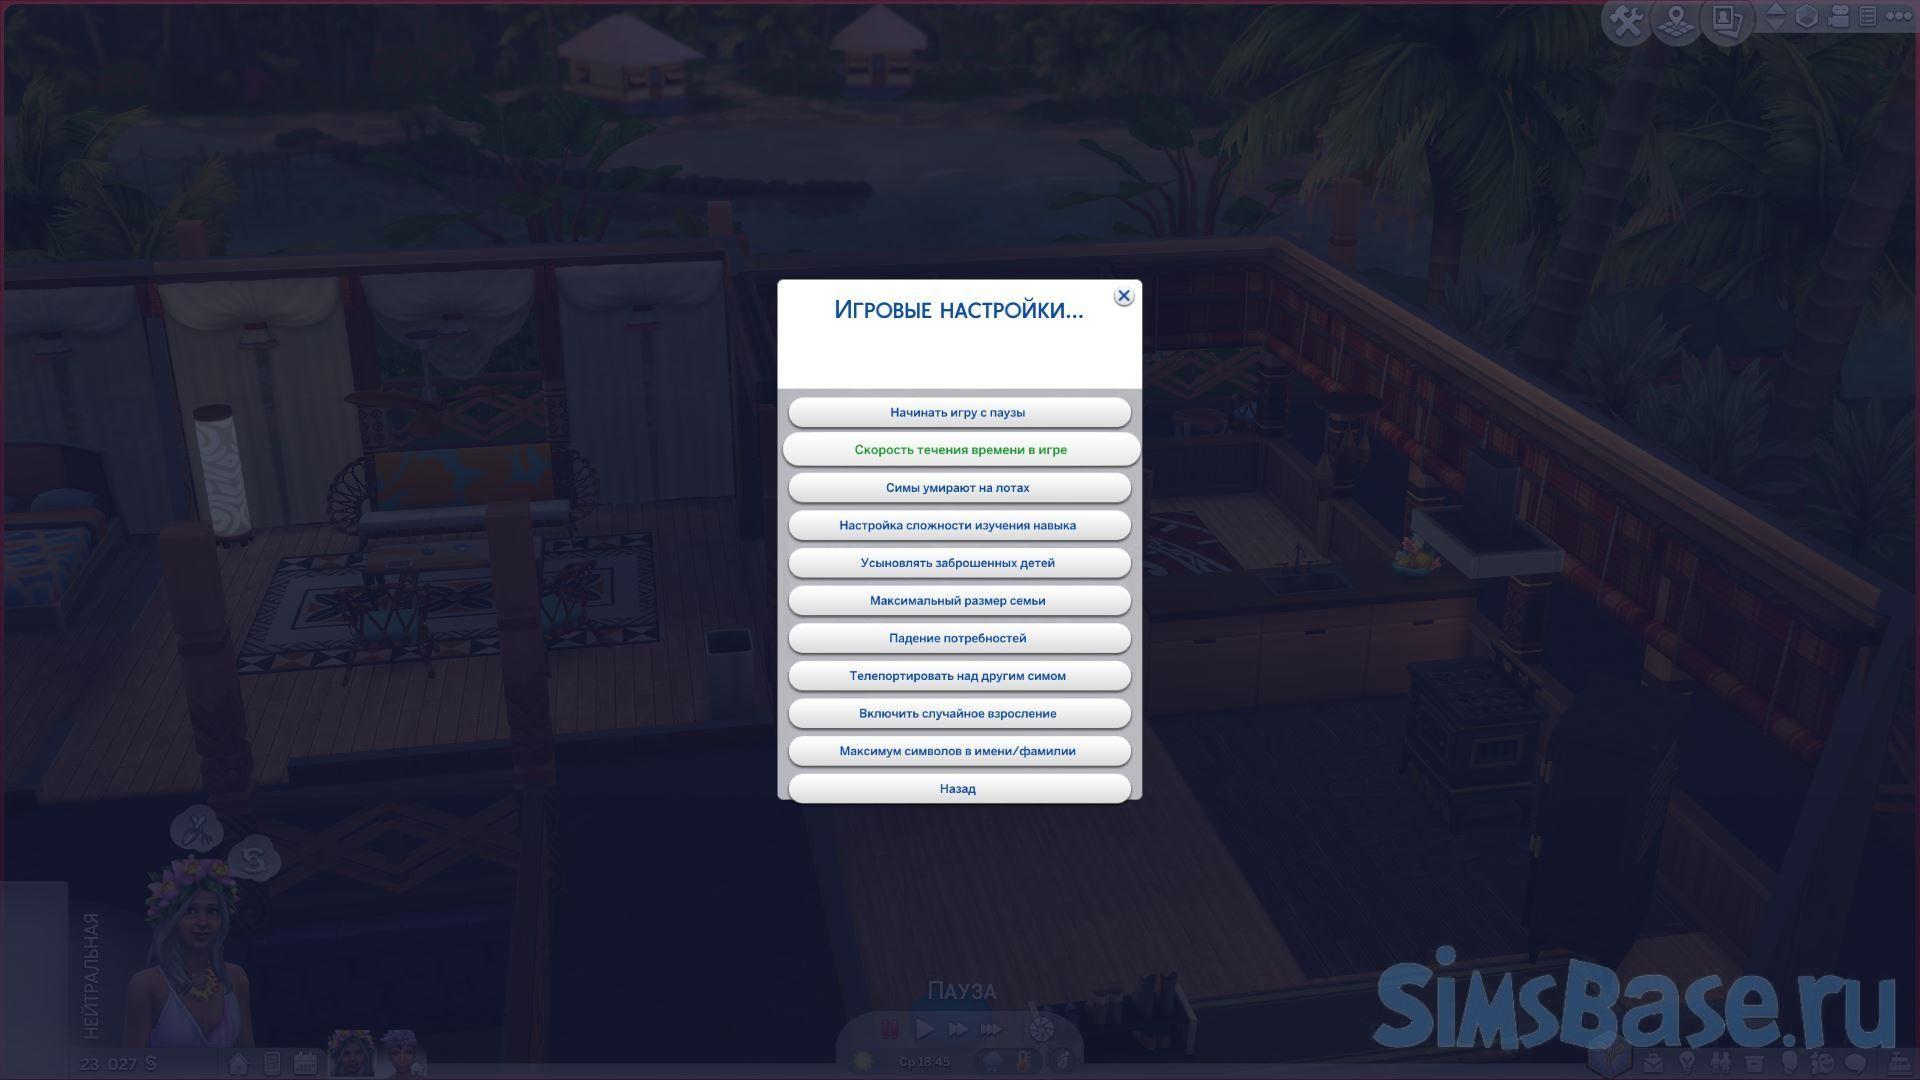 Как изменить время в Sims 4 и в чем его отличие от реального